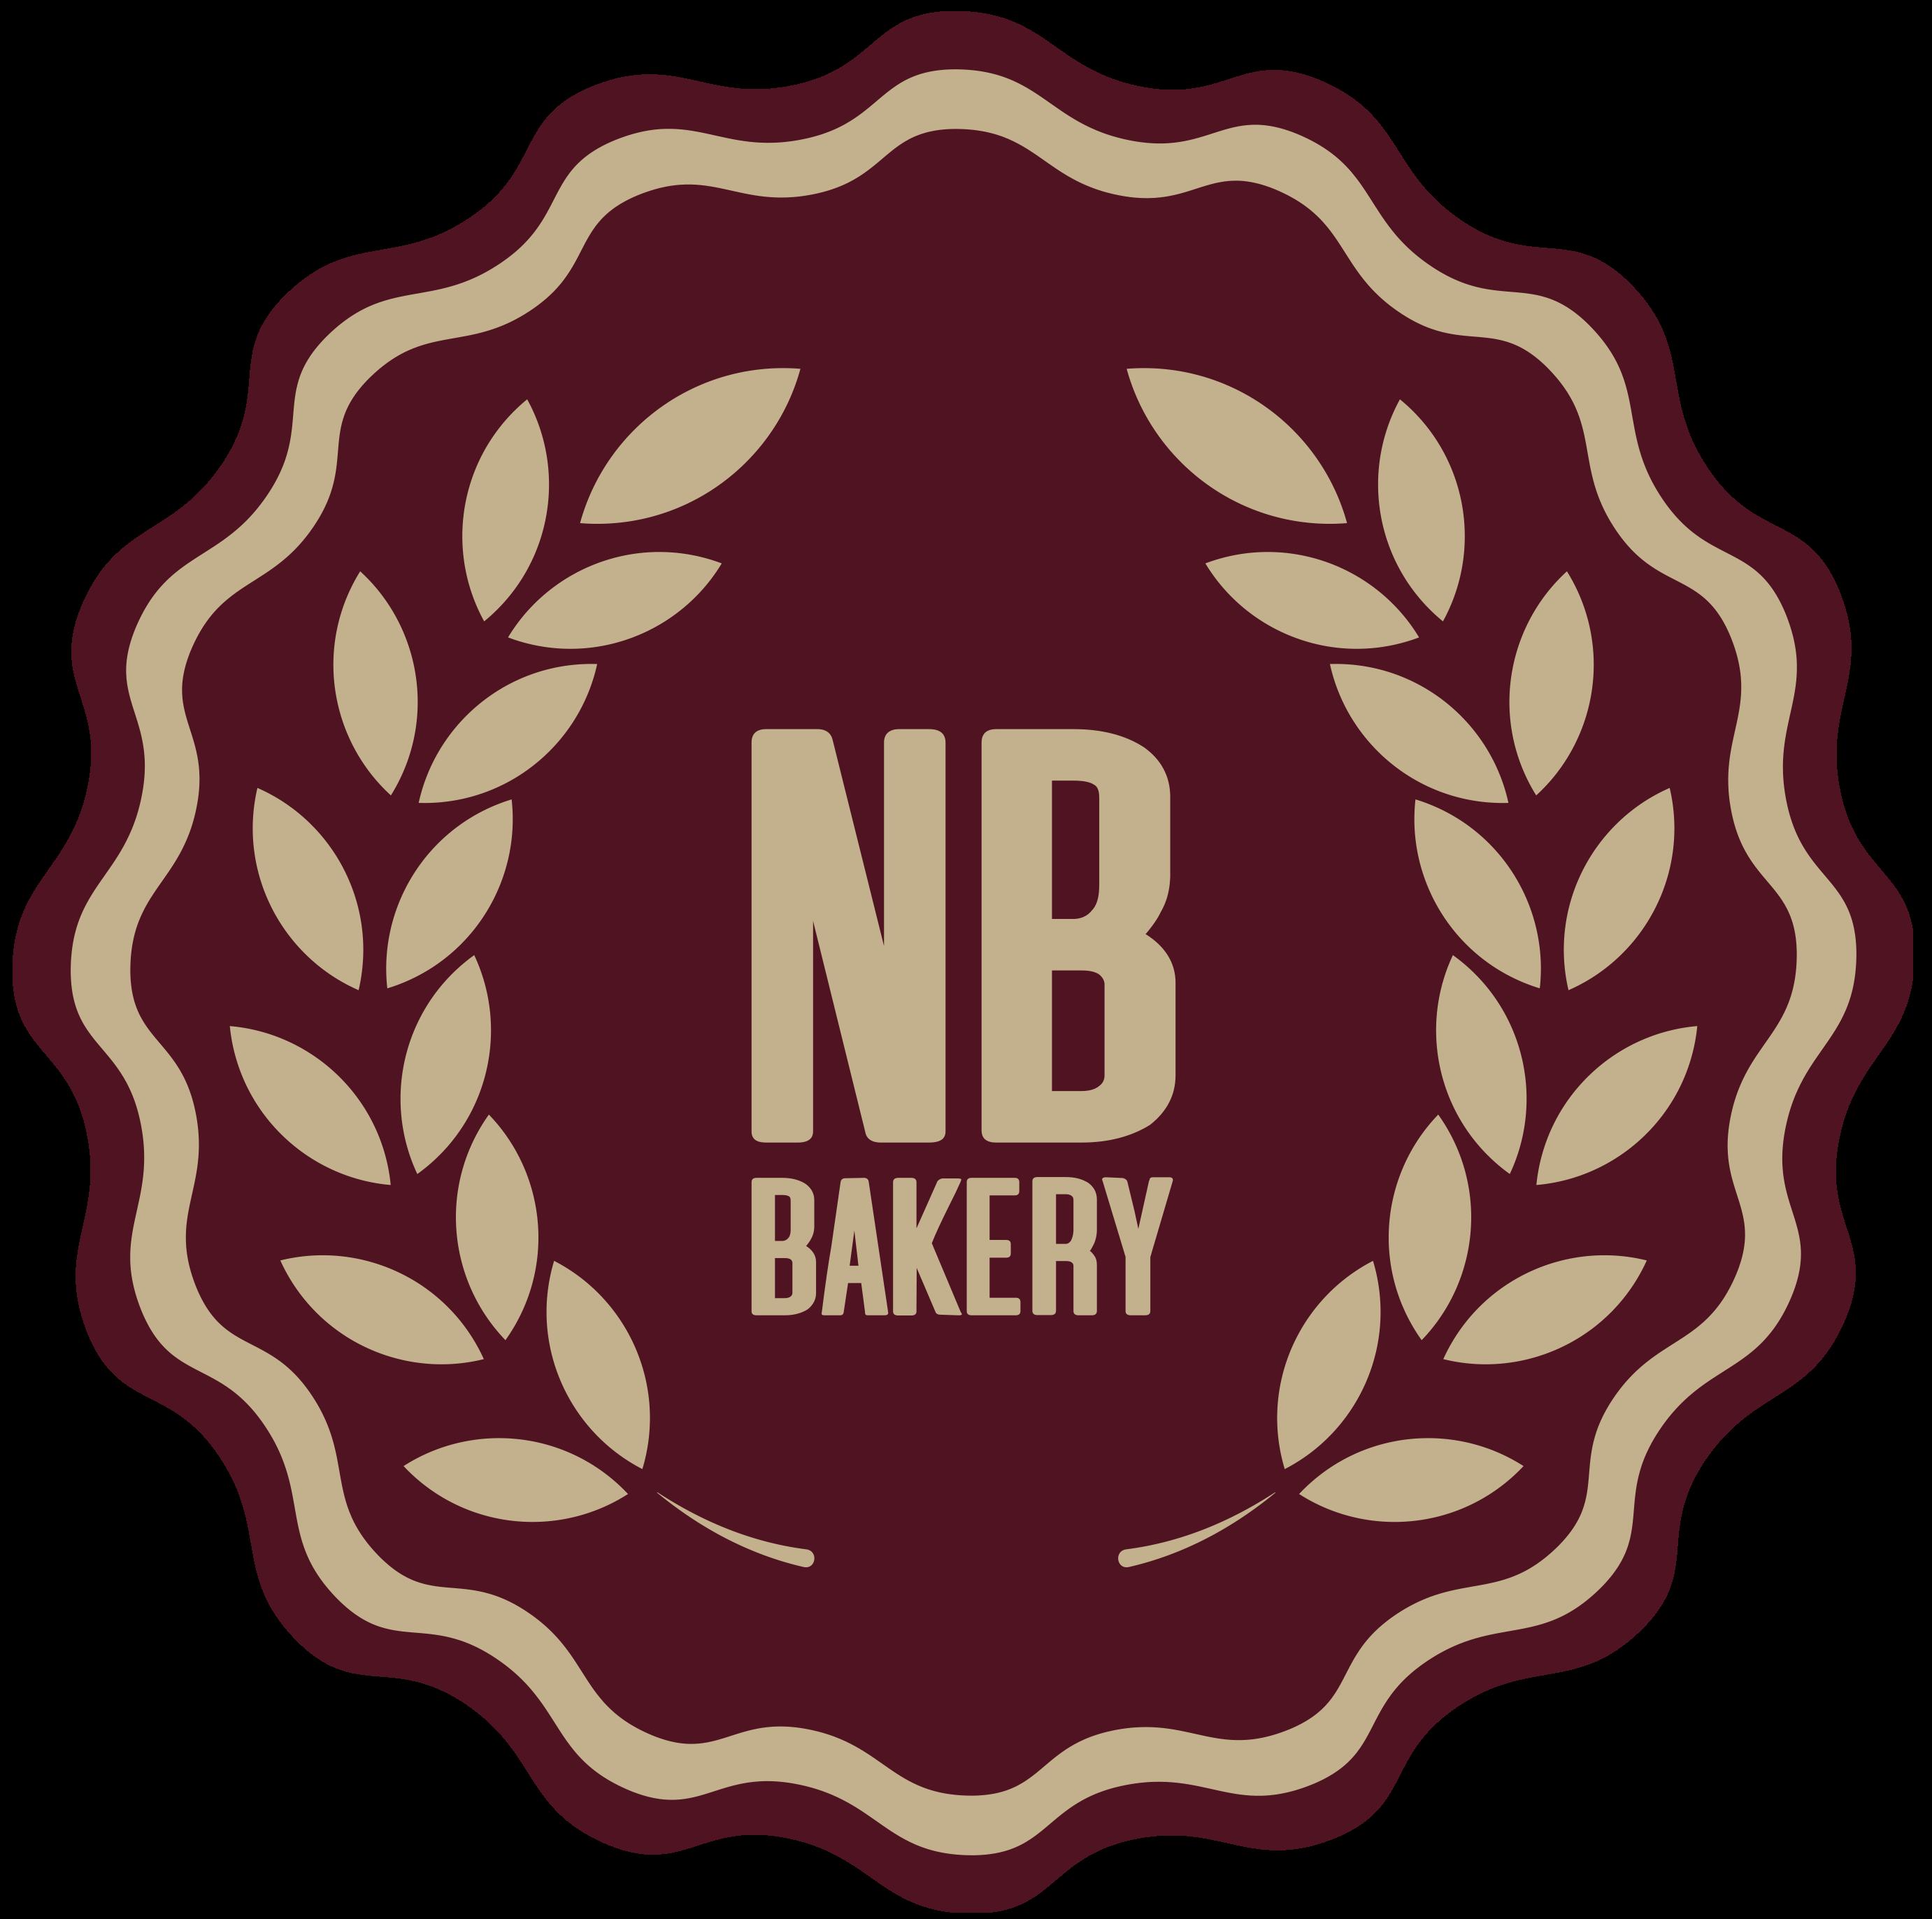 NB Bakery